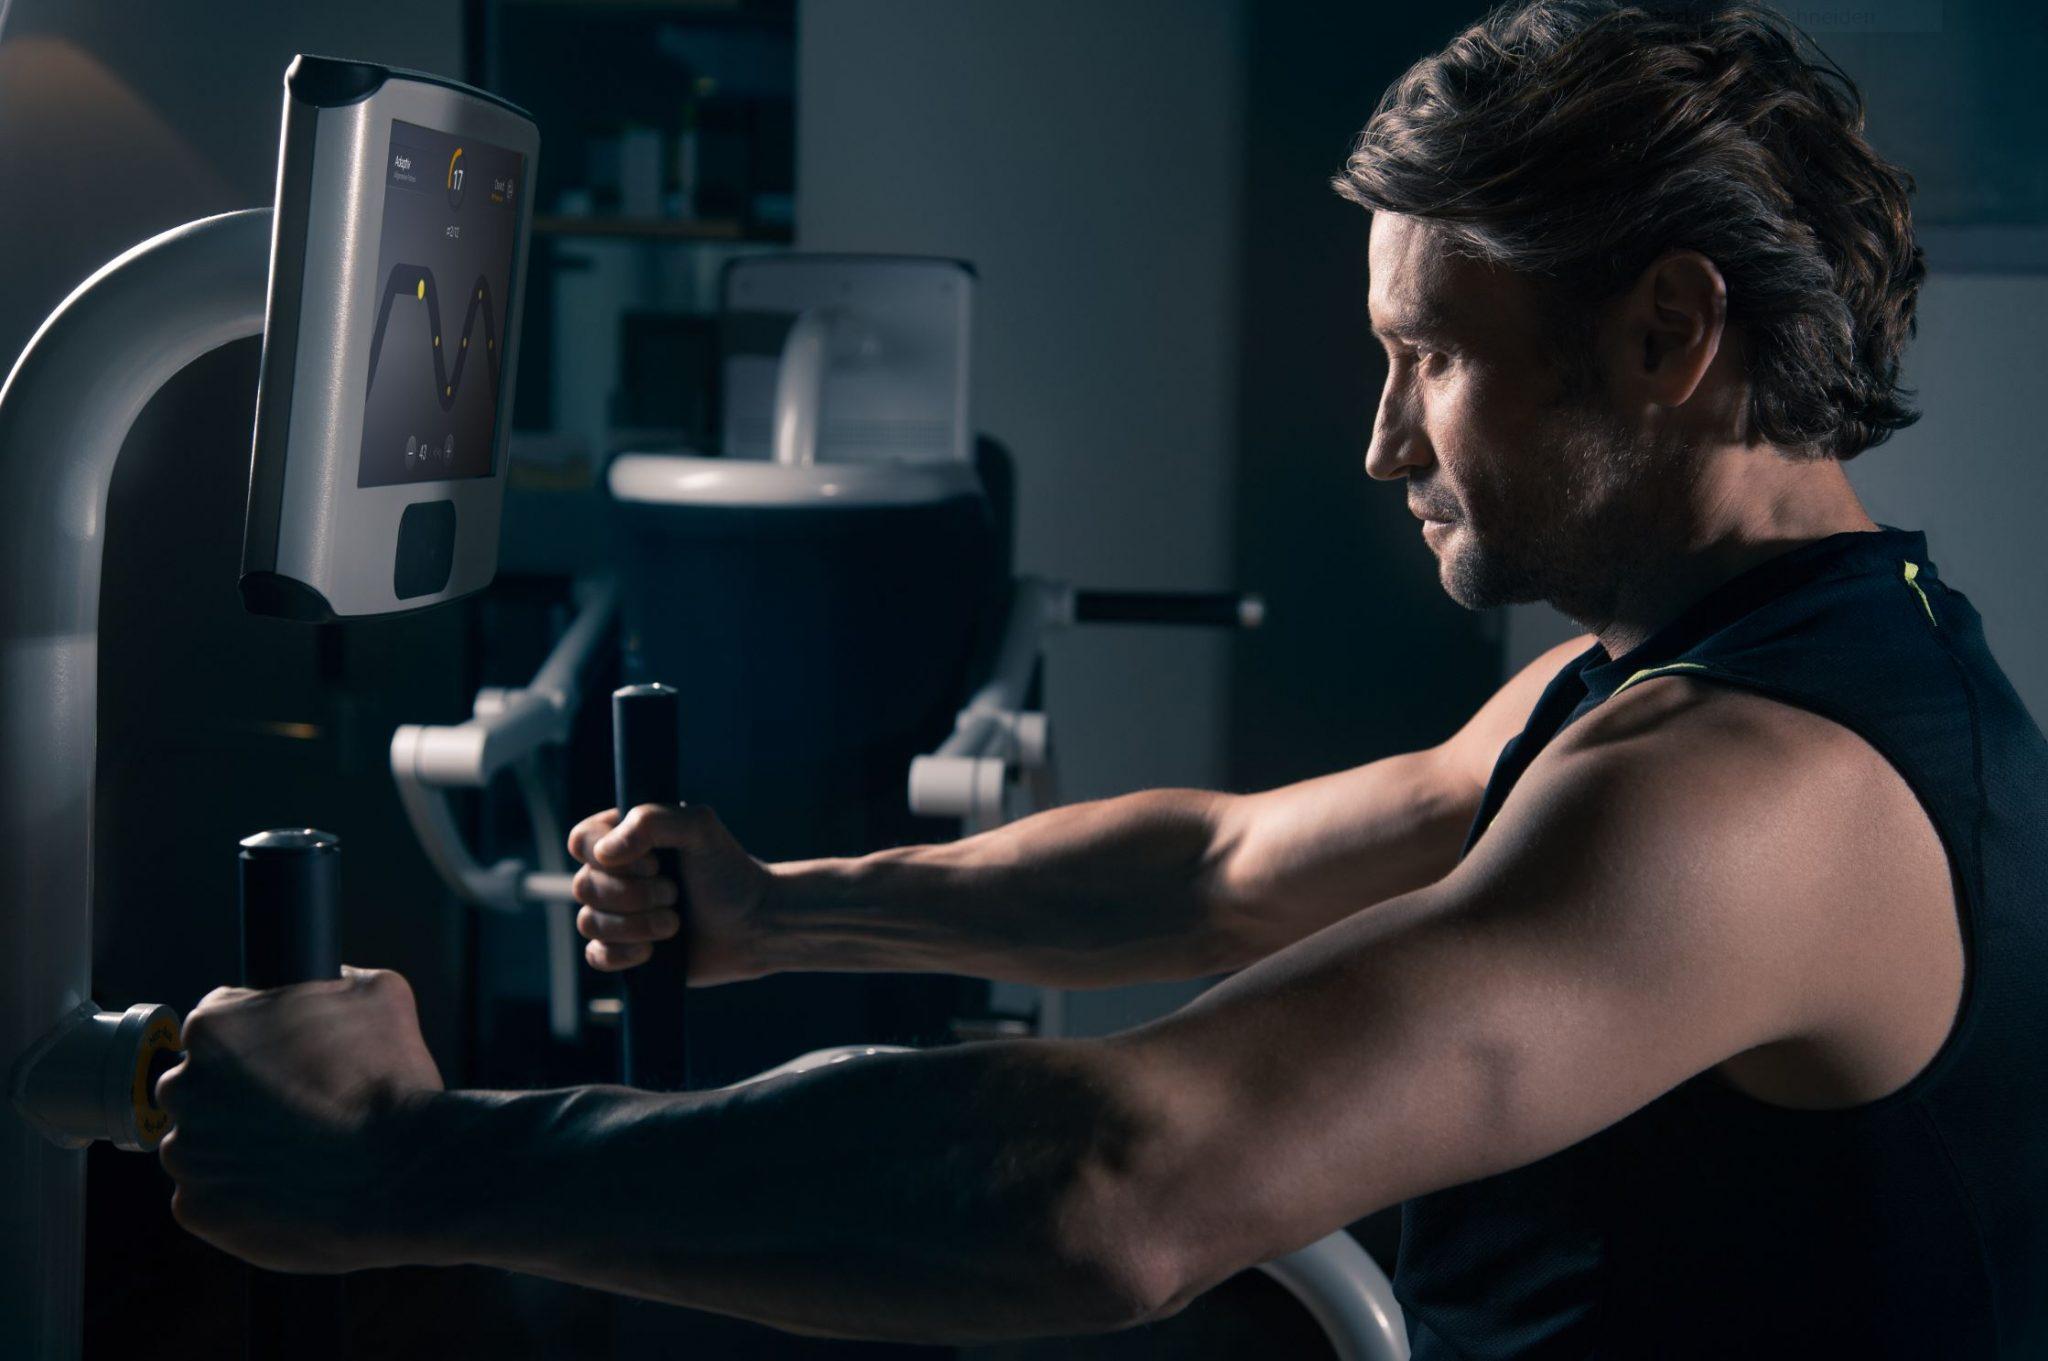 Ein Bild von einem Trainierendem Herren auf einem eGym Gerät